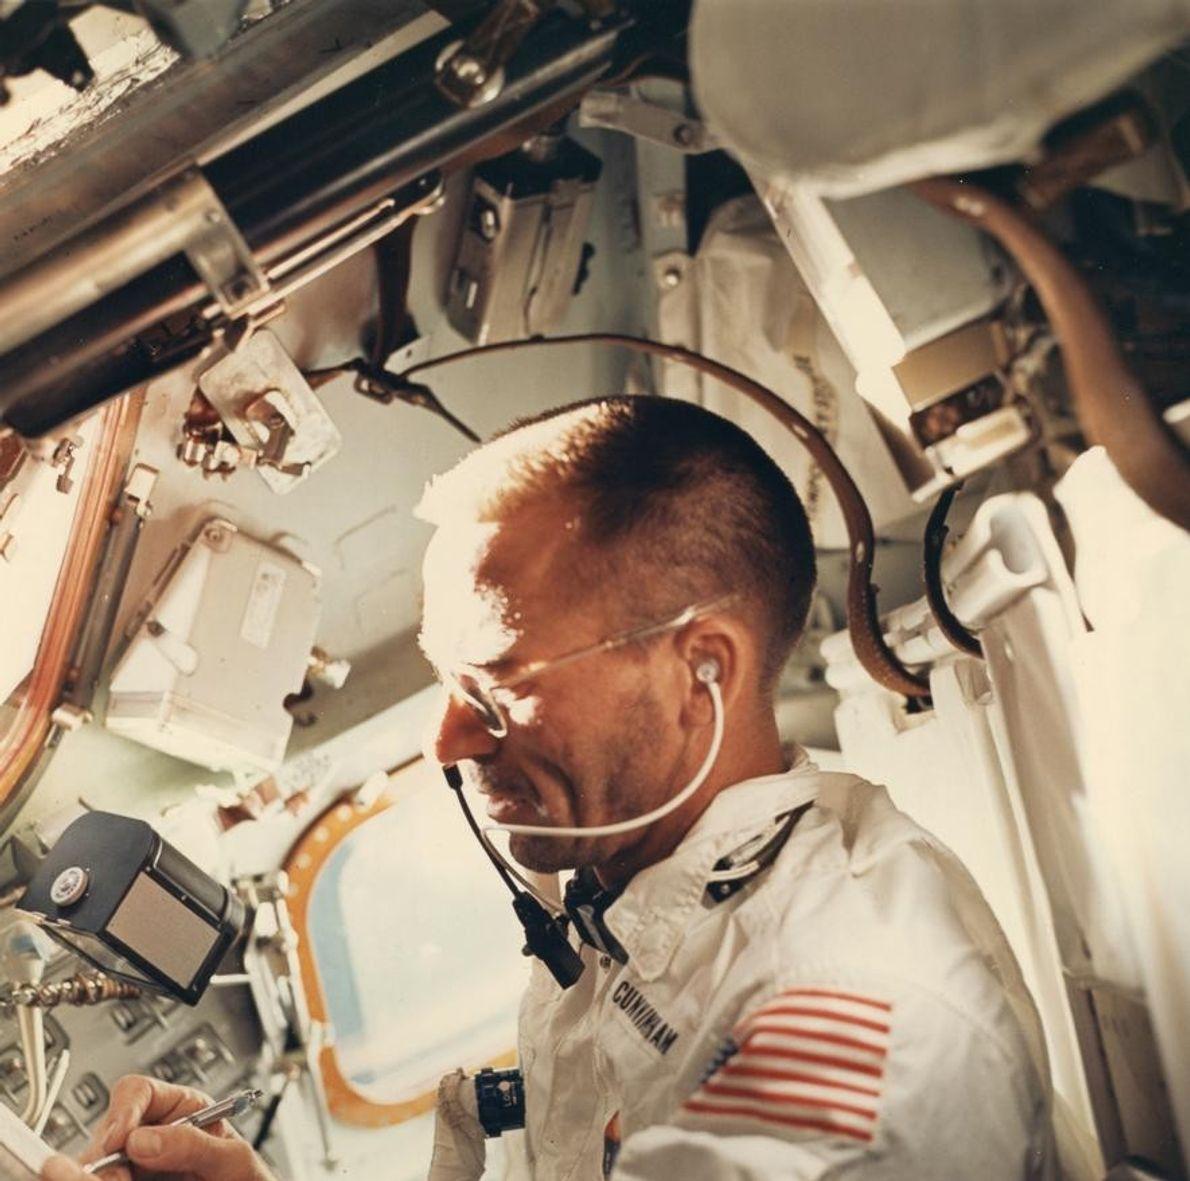 Un appareil photo Hasselblad 70 mm flotte au-dessus de la main droite de l'astronaute Walter Cunningham ...